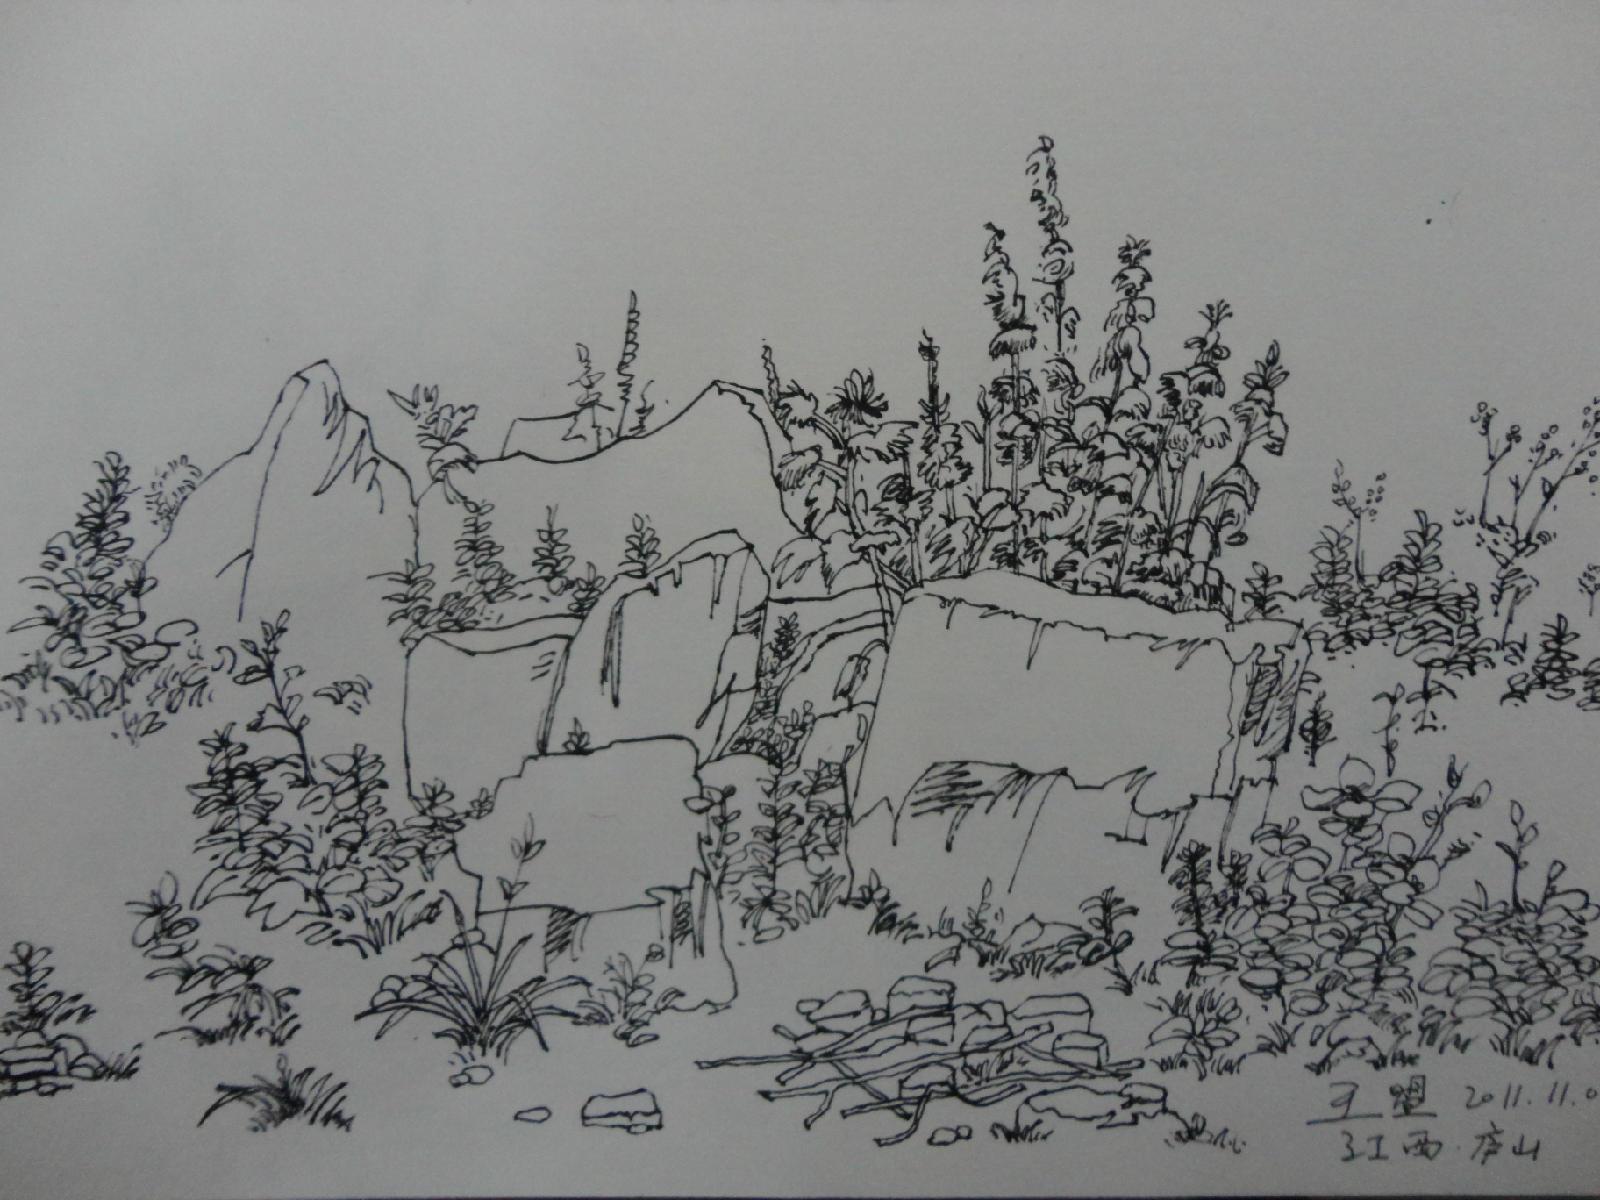 树木风景速写 超简单风景速写临摹 简单风景速写图片